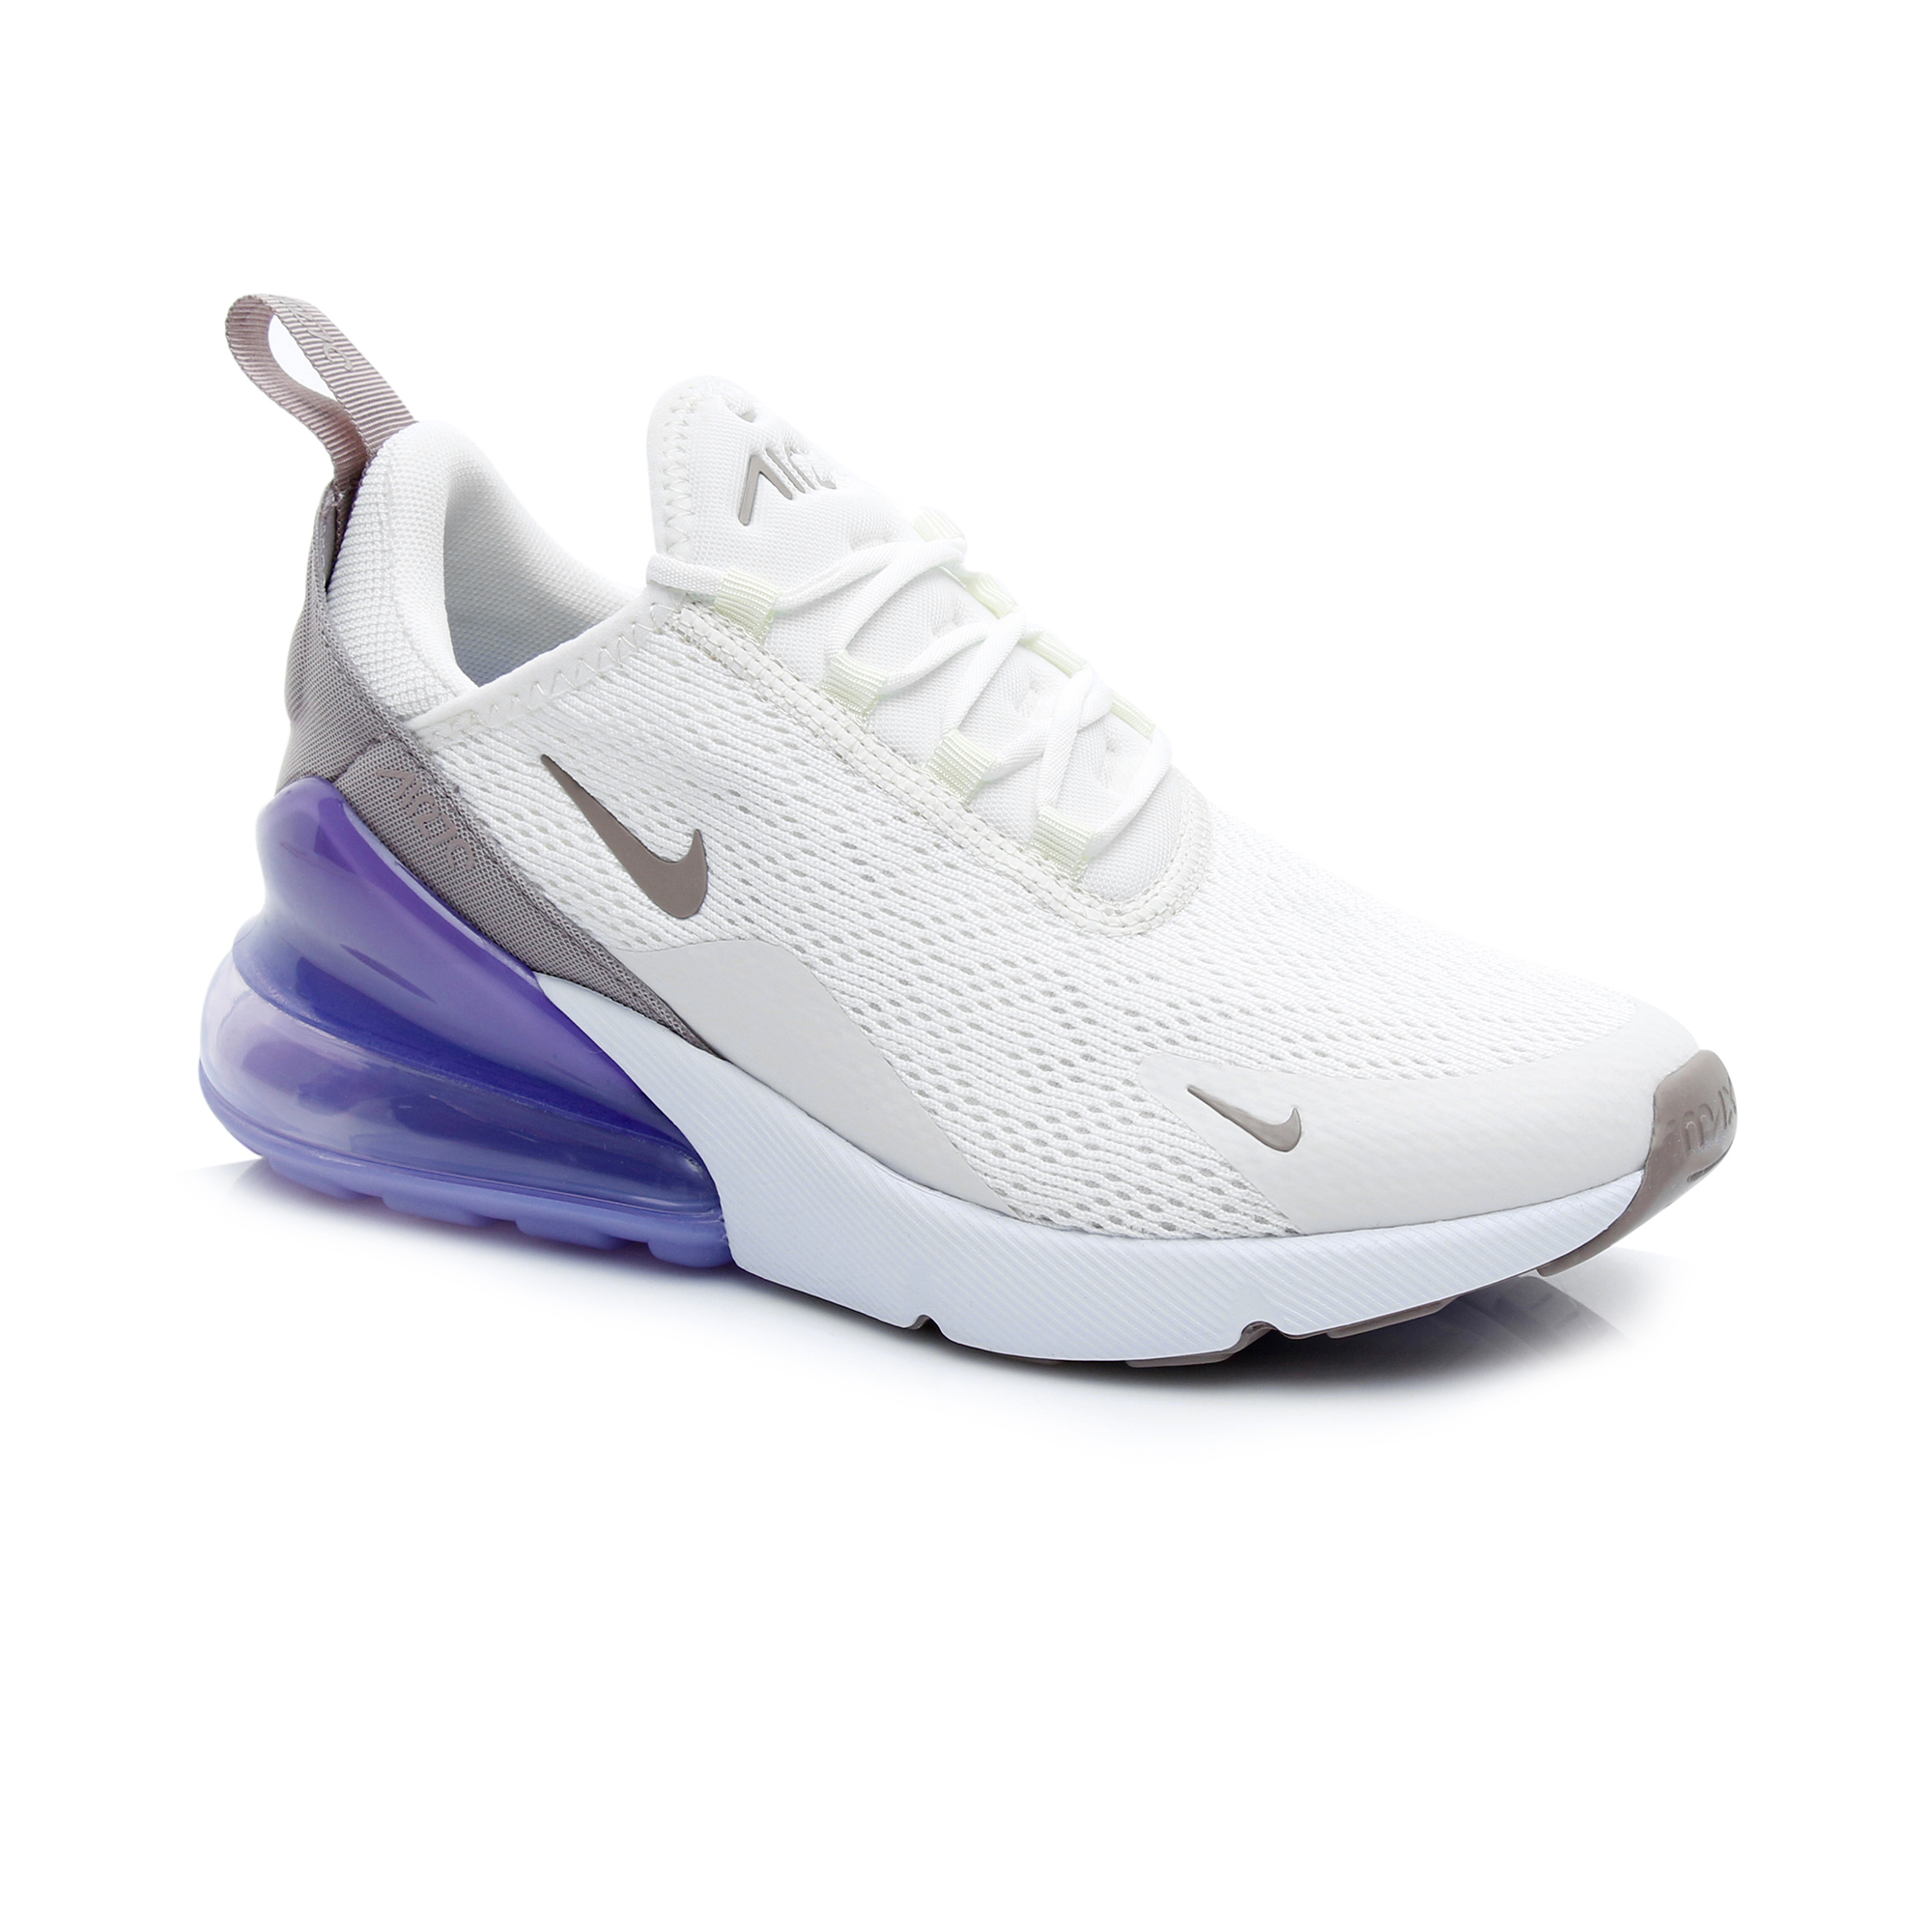 Nike Air Max 270 Kadın Krem Mor Spor Ayakkabı